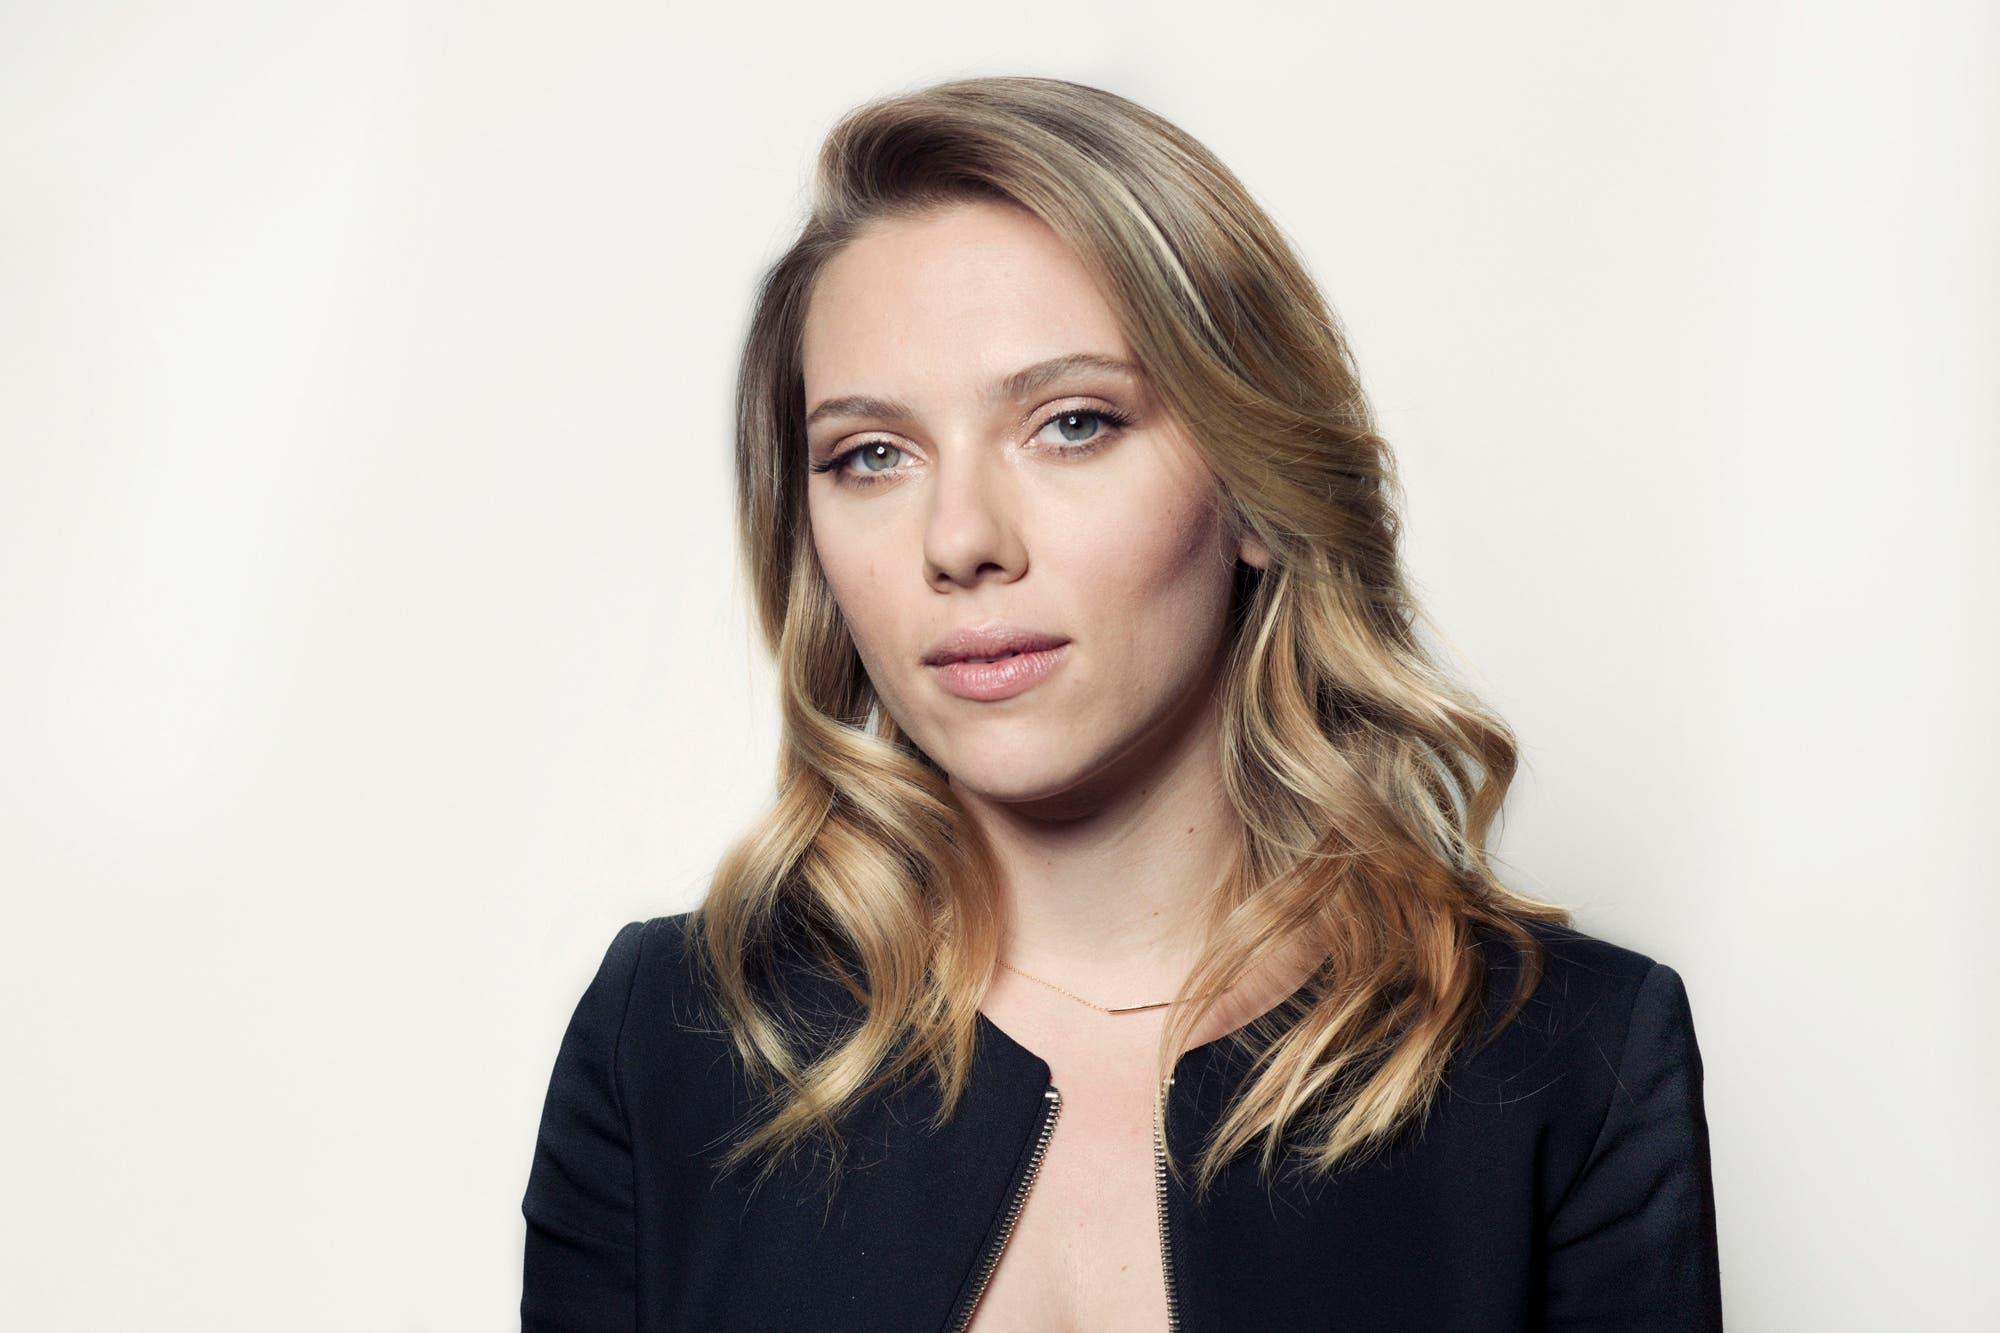 """Scarlett Johansson, enojada por unas declaraciones sobre la corrección política que fueron """"sacadas de contexto"""""""